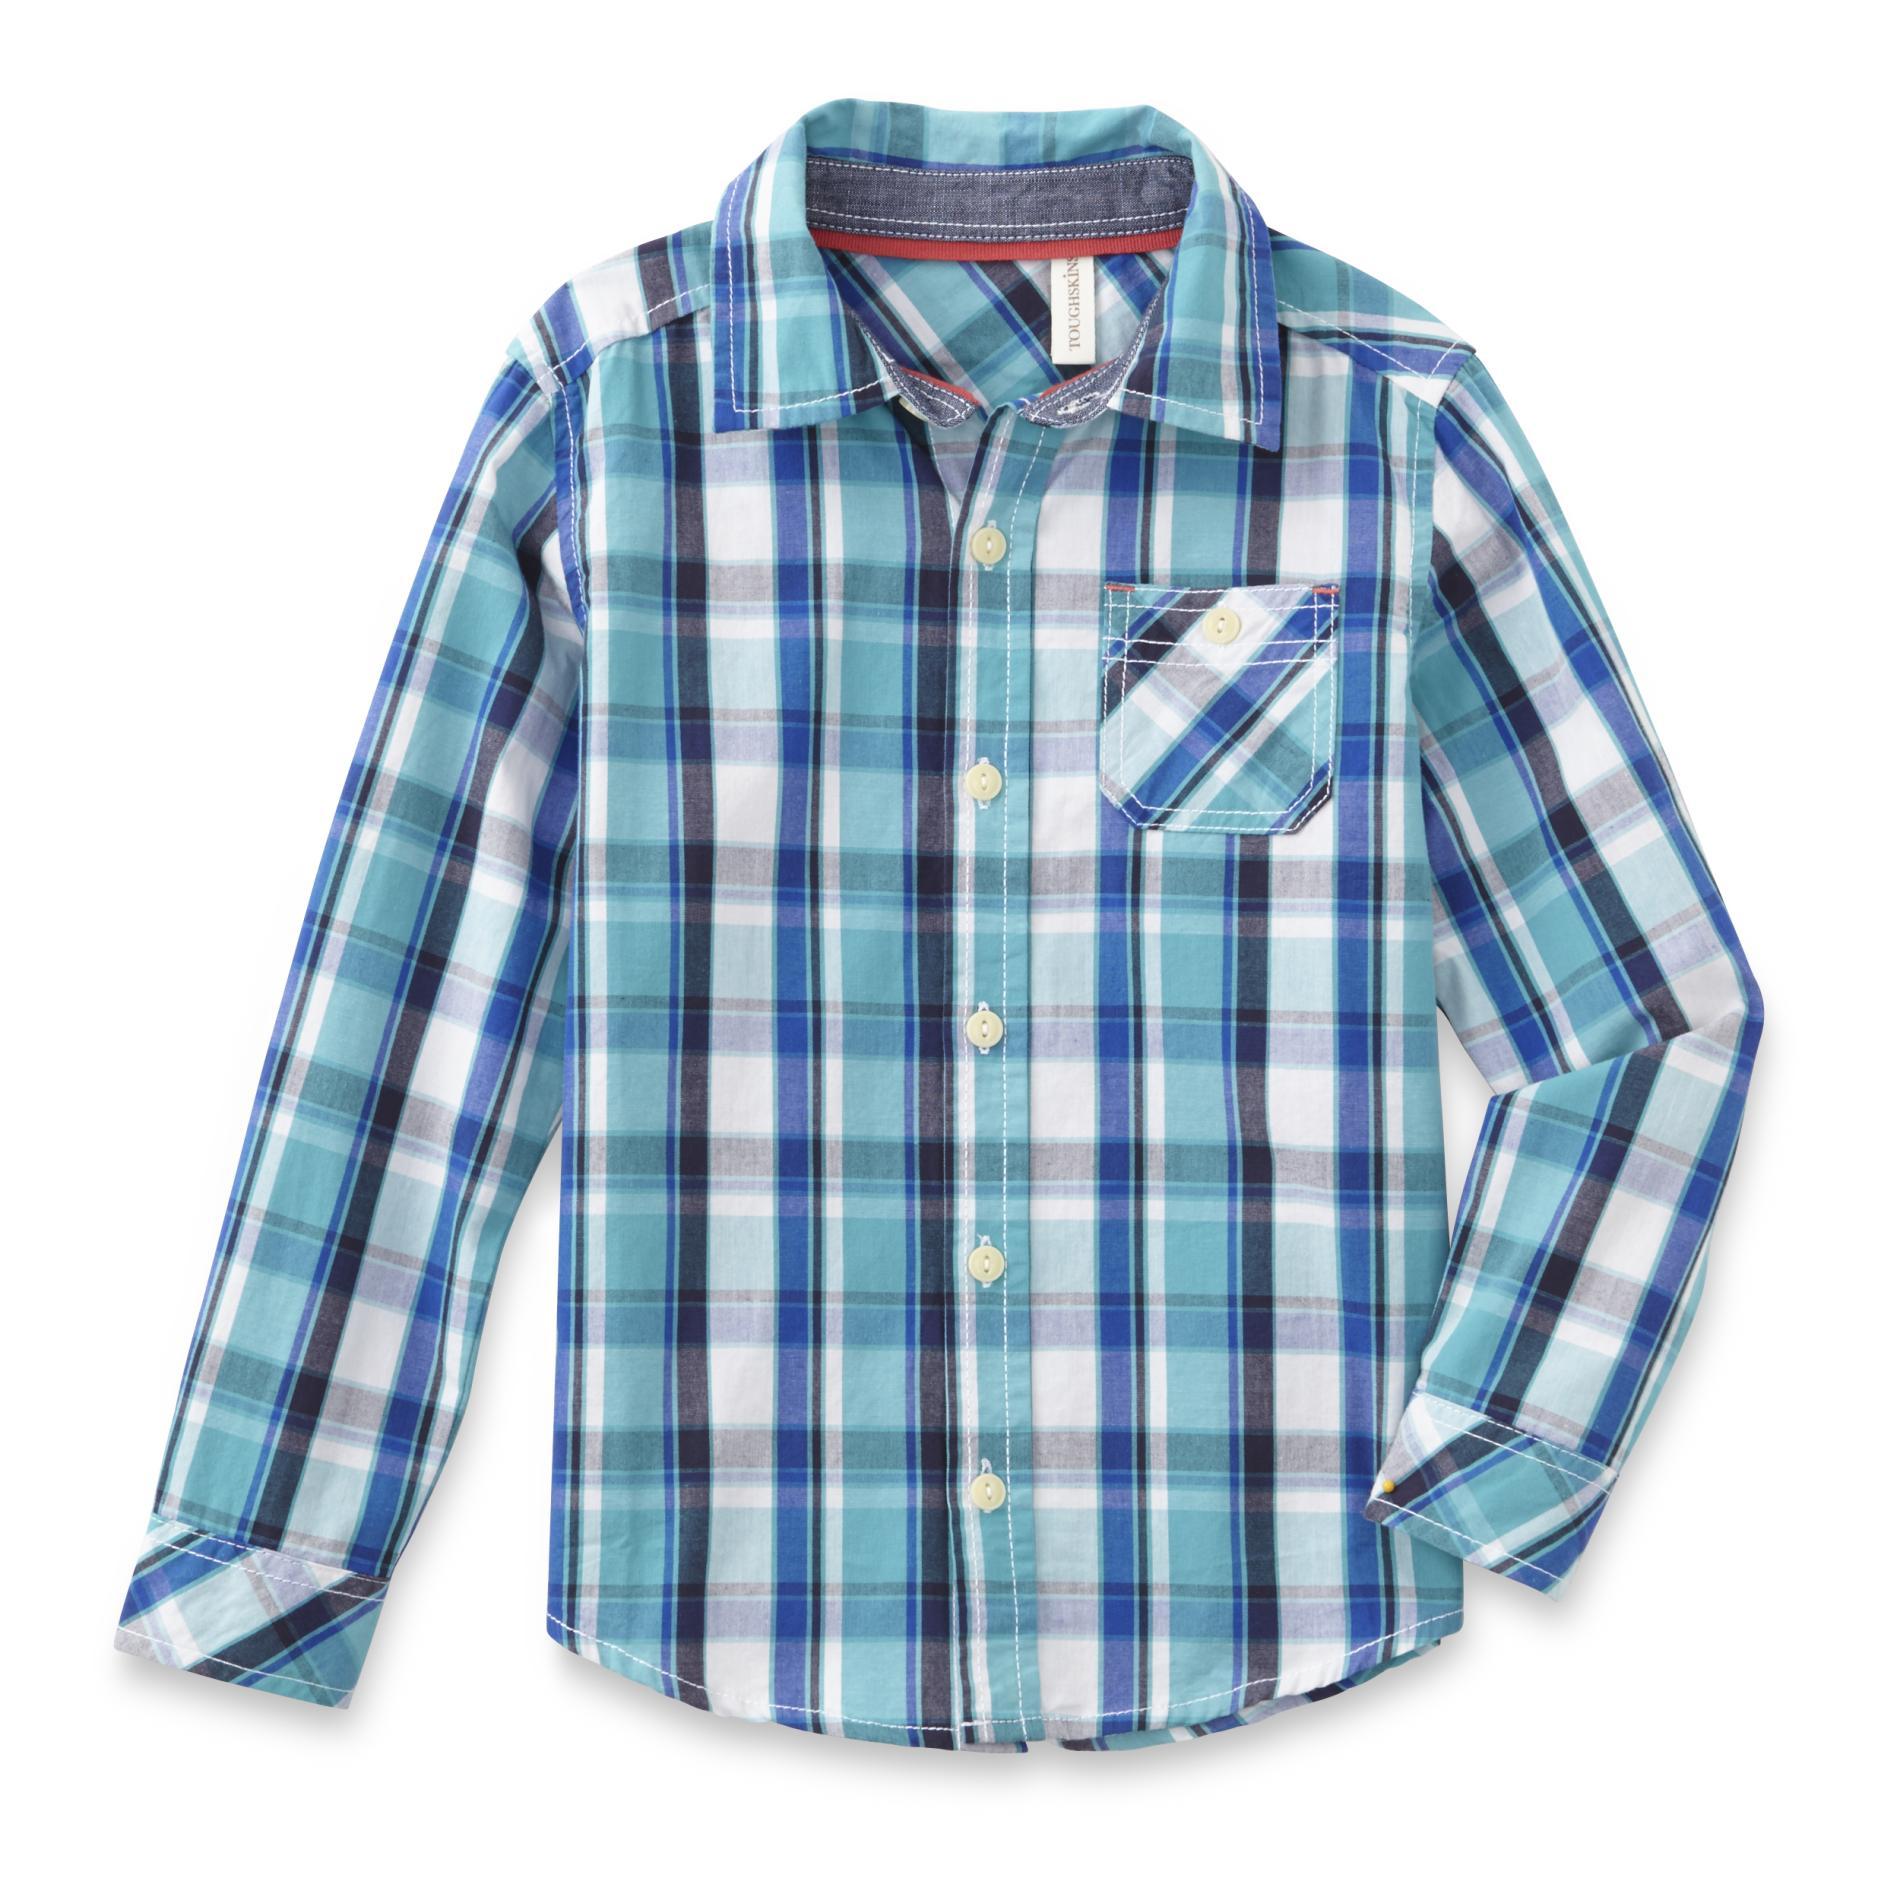 Boy's Button-Front Shirt - Plaid